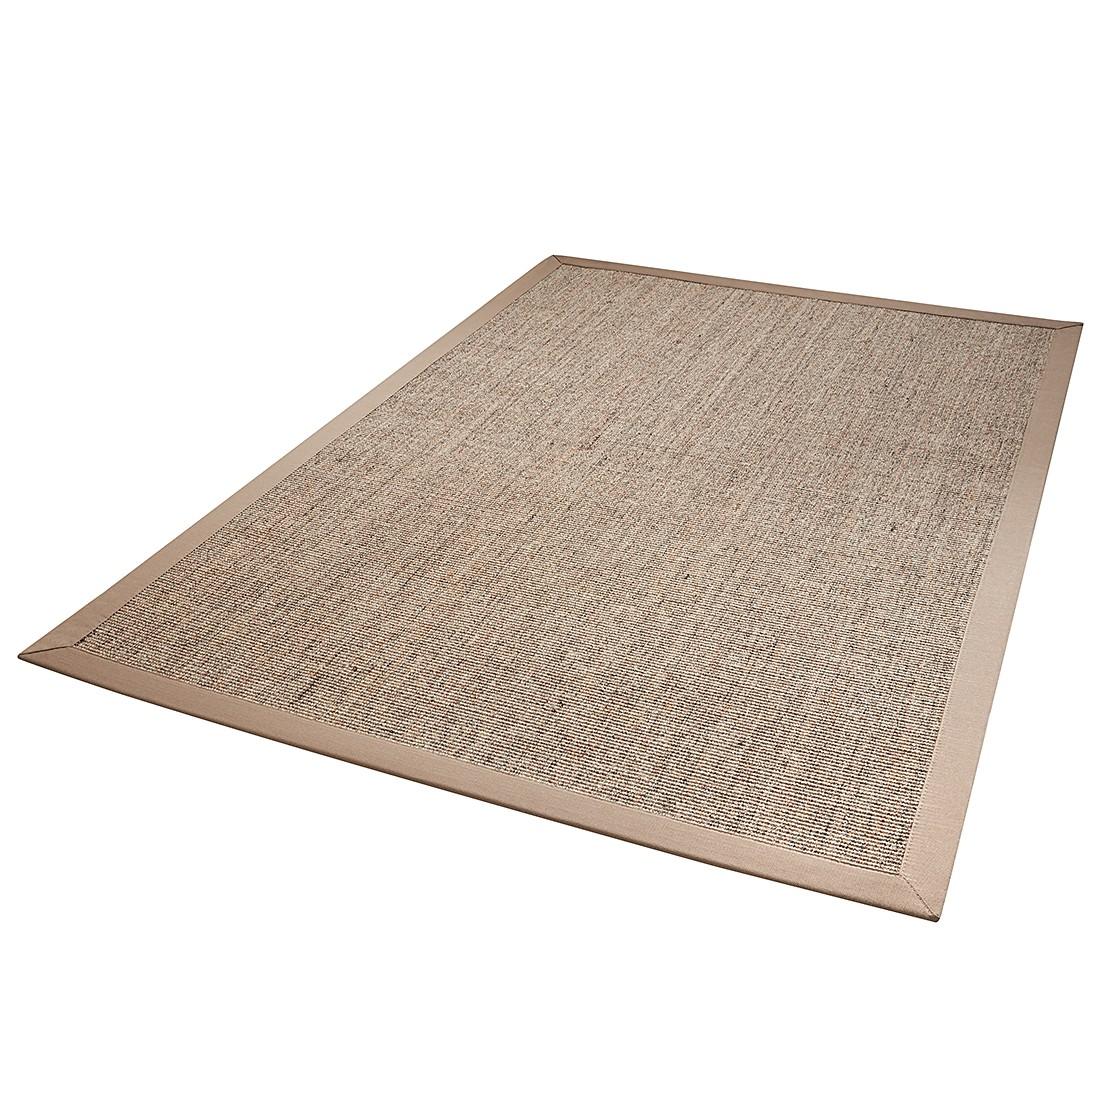 Teppich Mara A2 – Beige – 133 x 190 cm, DEKOWE bestellen